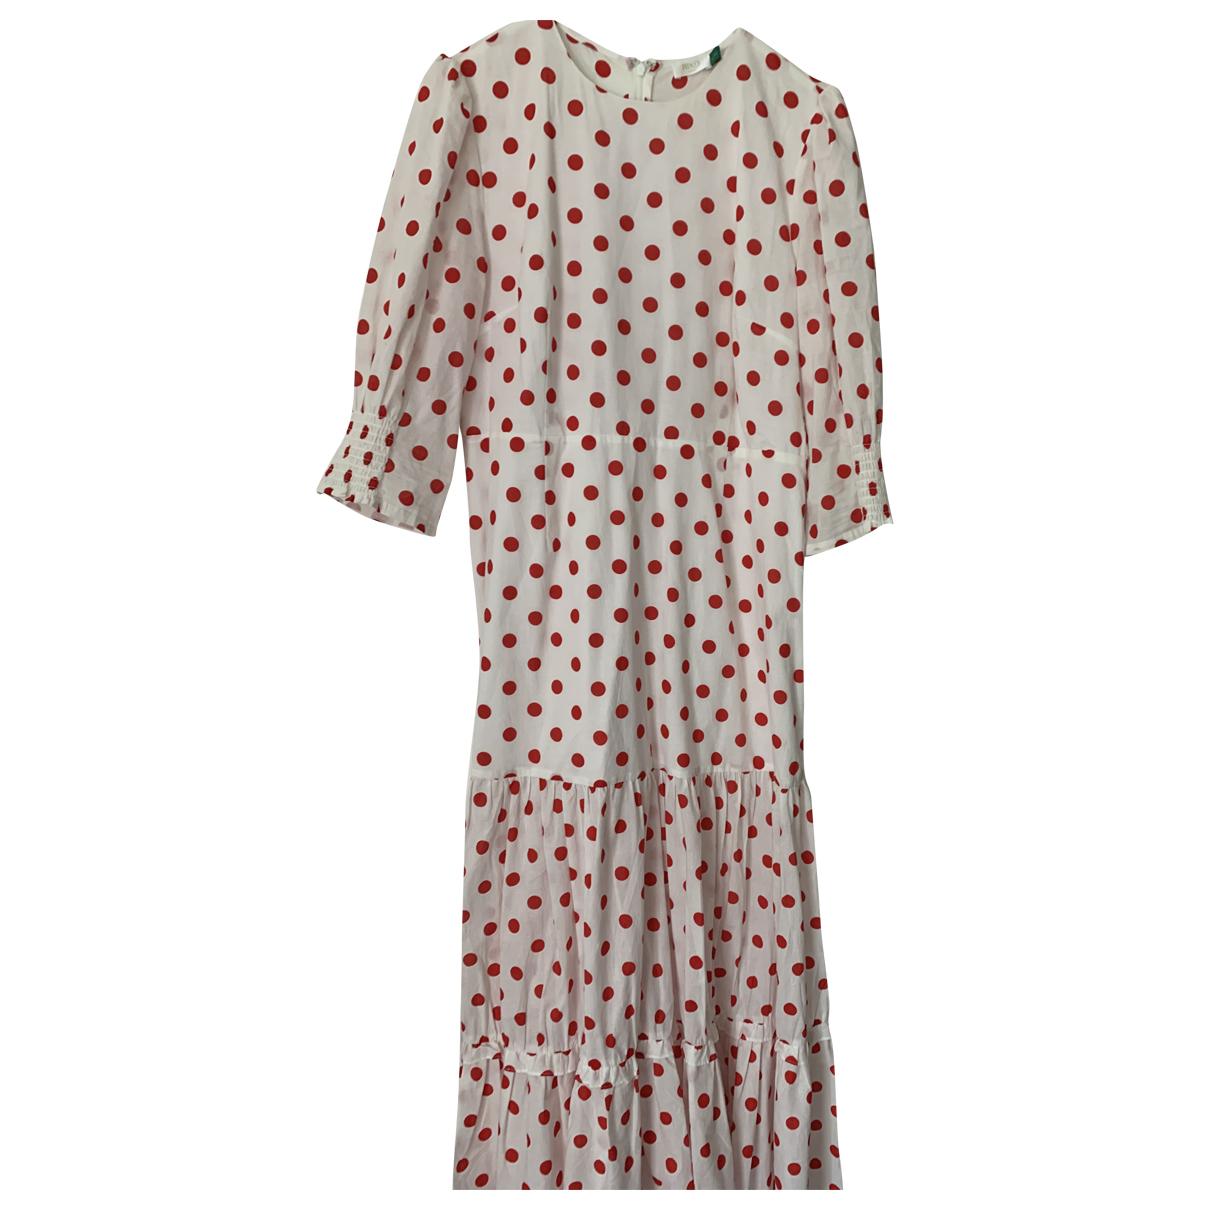 Rixo N Red Cotton dress for Women 16 UK